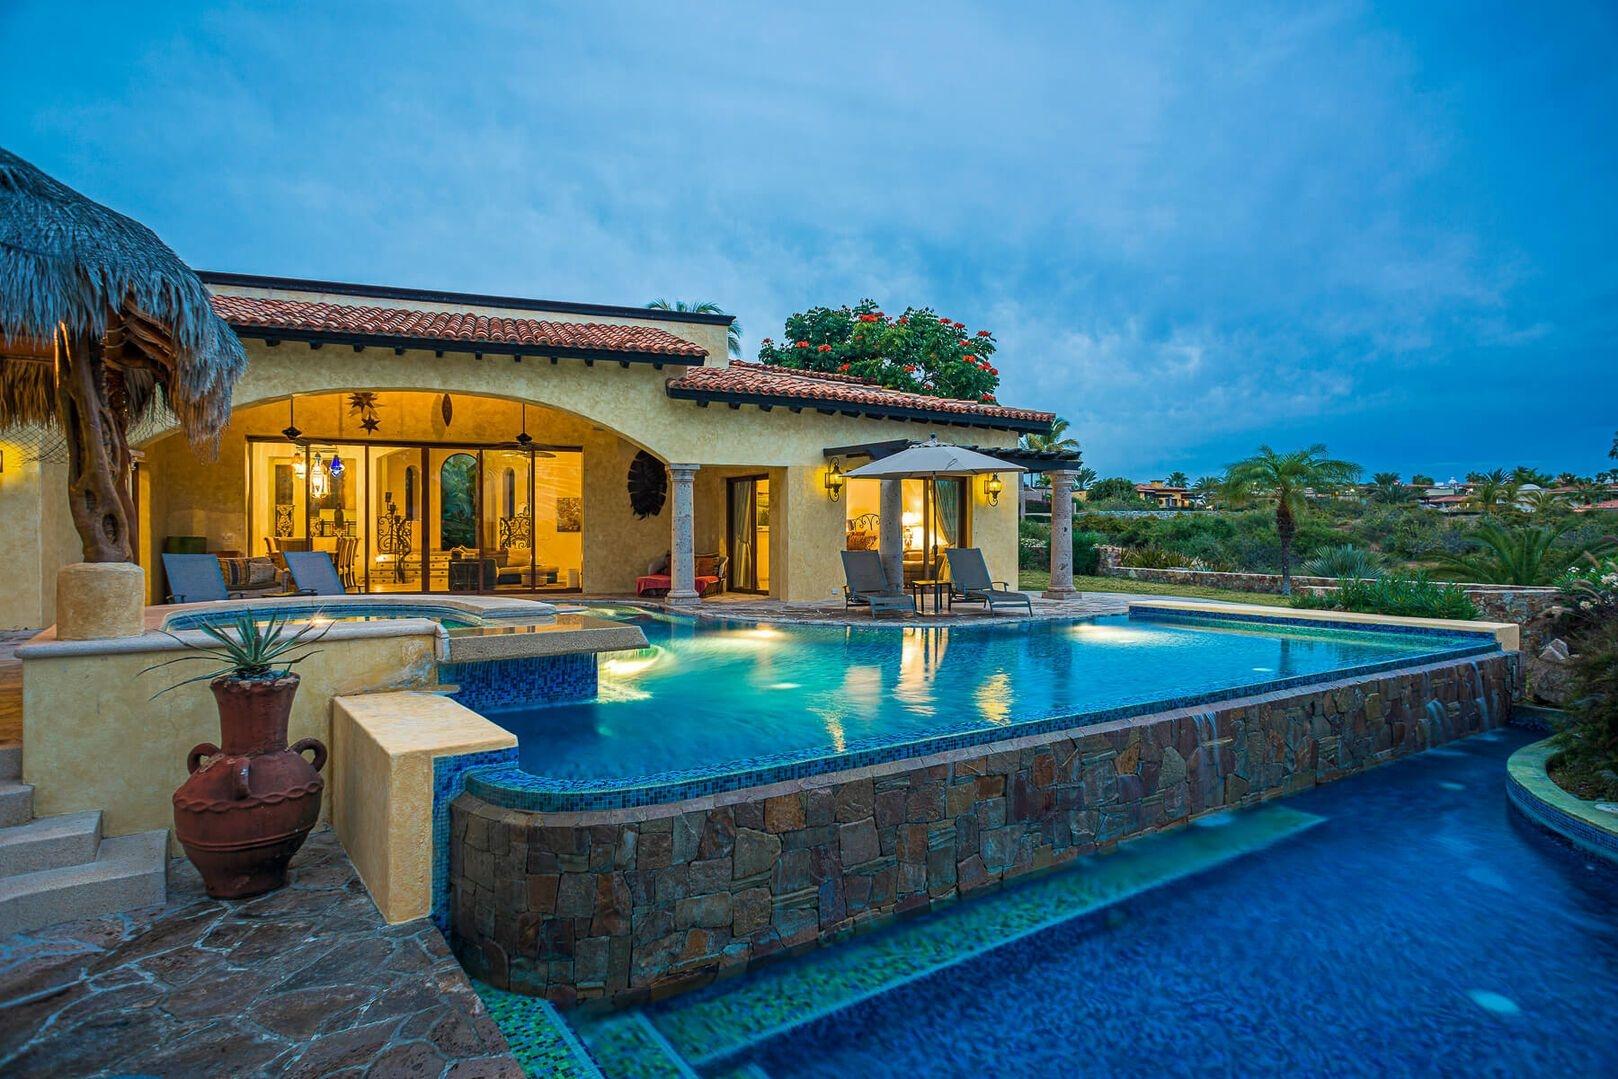 - Casa Punta Ballena - Image 1/16